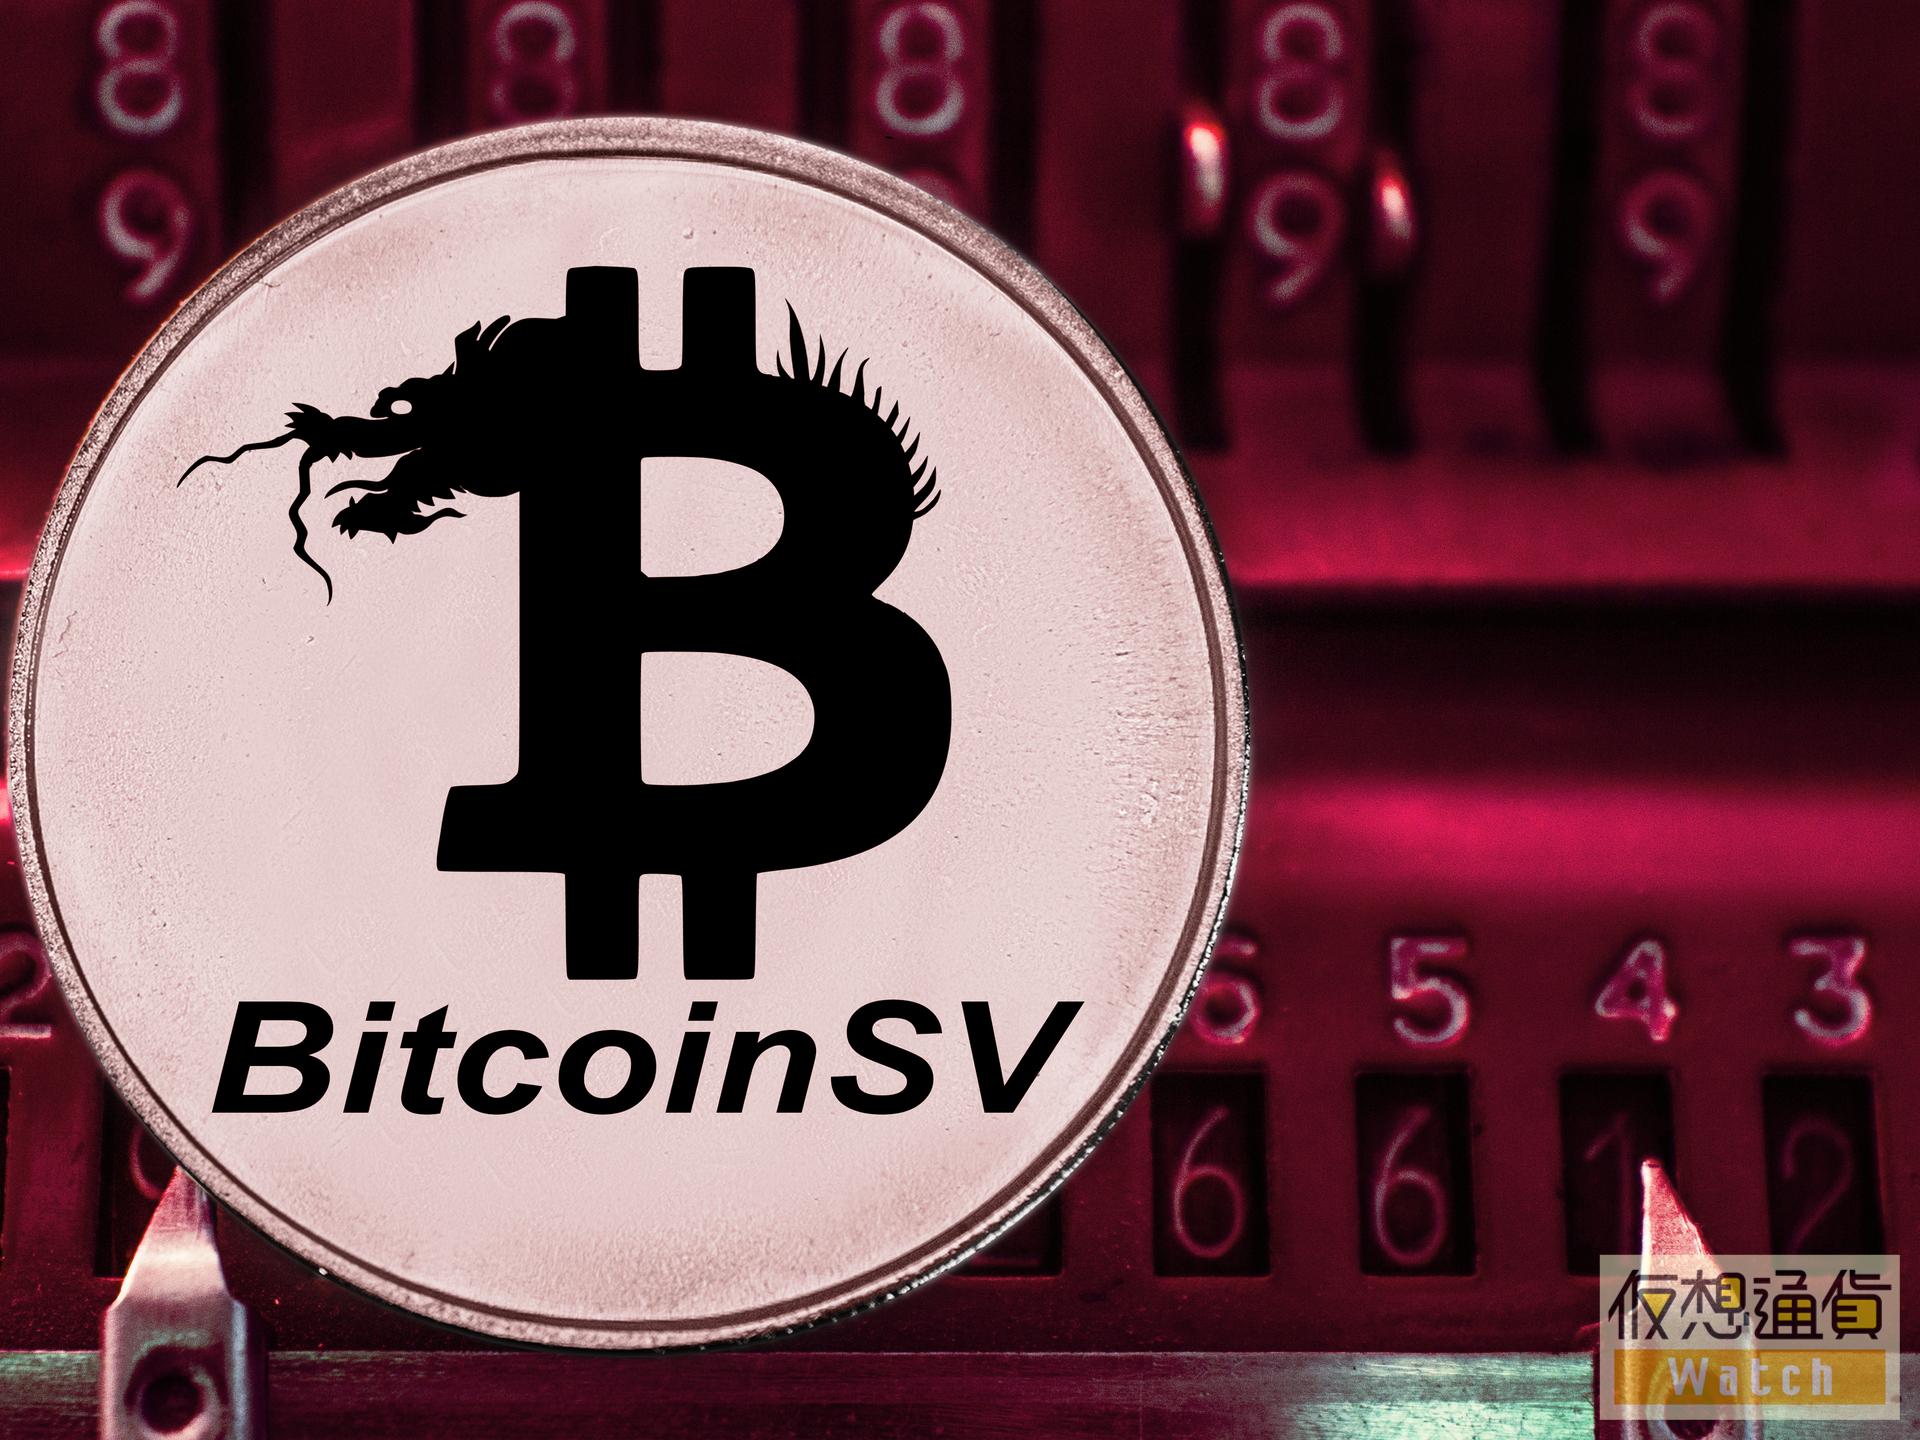 「ビットコインのスーパーサイクル、この好機を8年待った」老舗仮想通貨取引所Kraken幹部